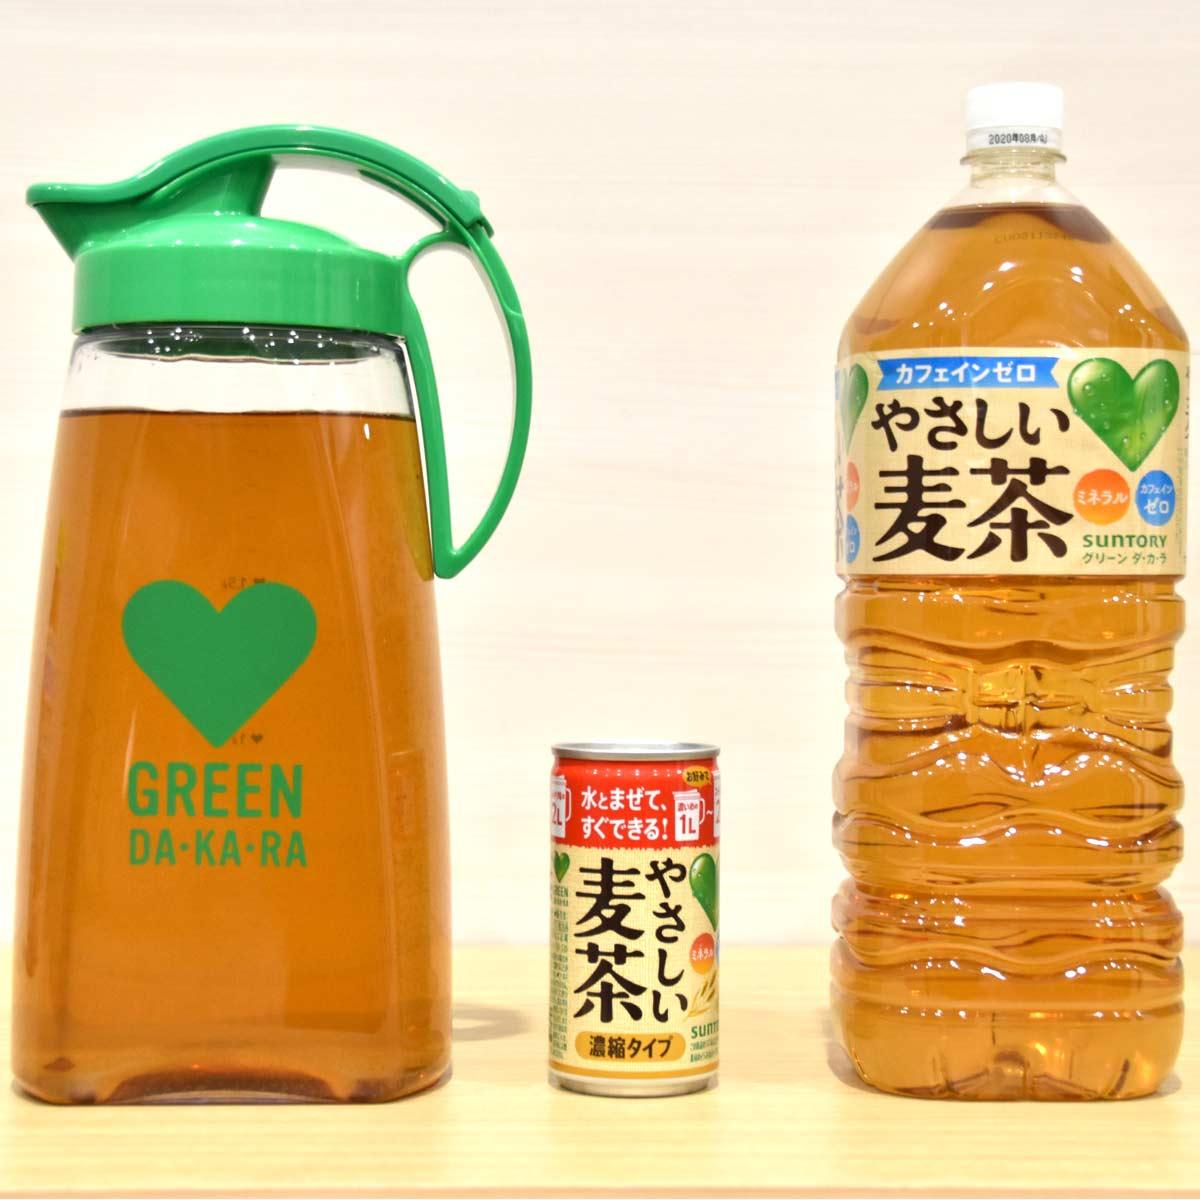 カルピスのように10秒で2Lの麦茶が完成! 安い軽い速い濃縮缶が「やさしい麦茶」から